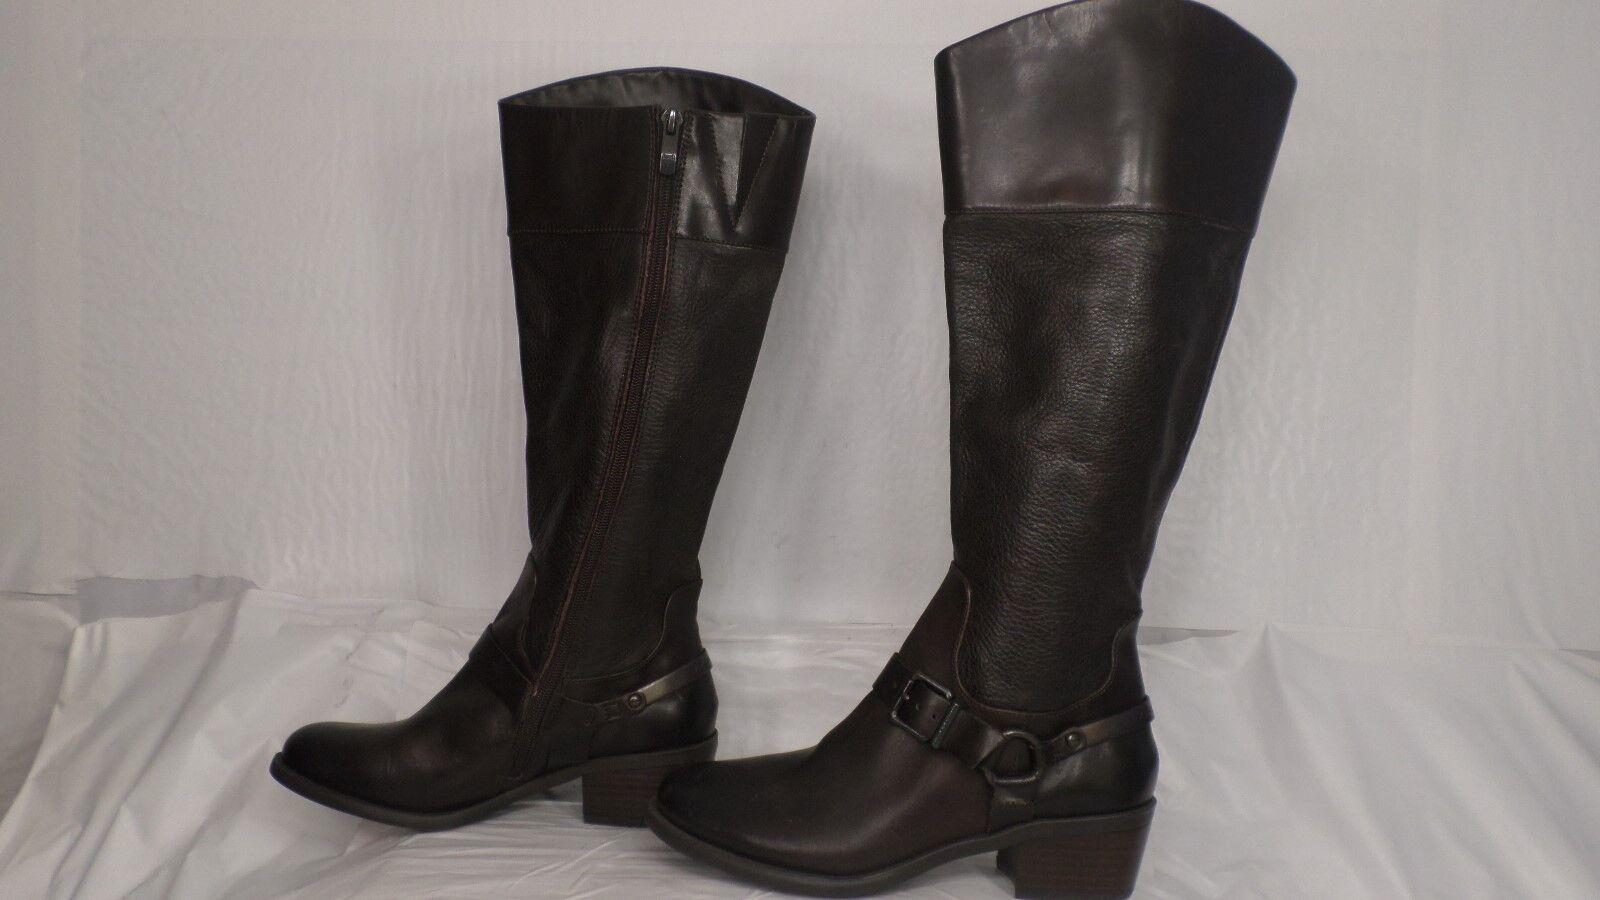 prendi l'ultimo Vince Camuto 'Brunah' 'Brunah' 'Brunah' Marrone Leather Knee High Riding avvio donna Dimensione 6.5 M  acquisto limitato